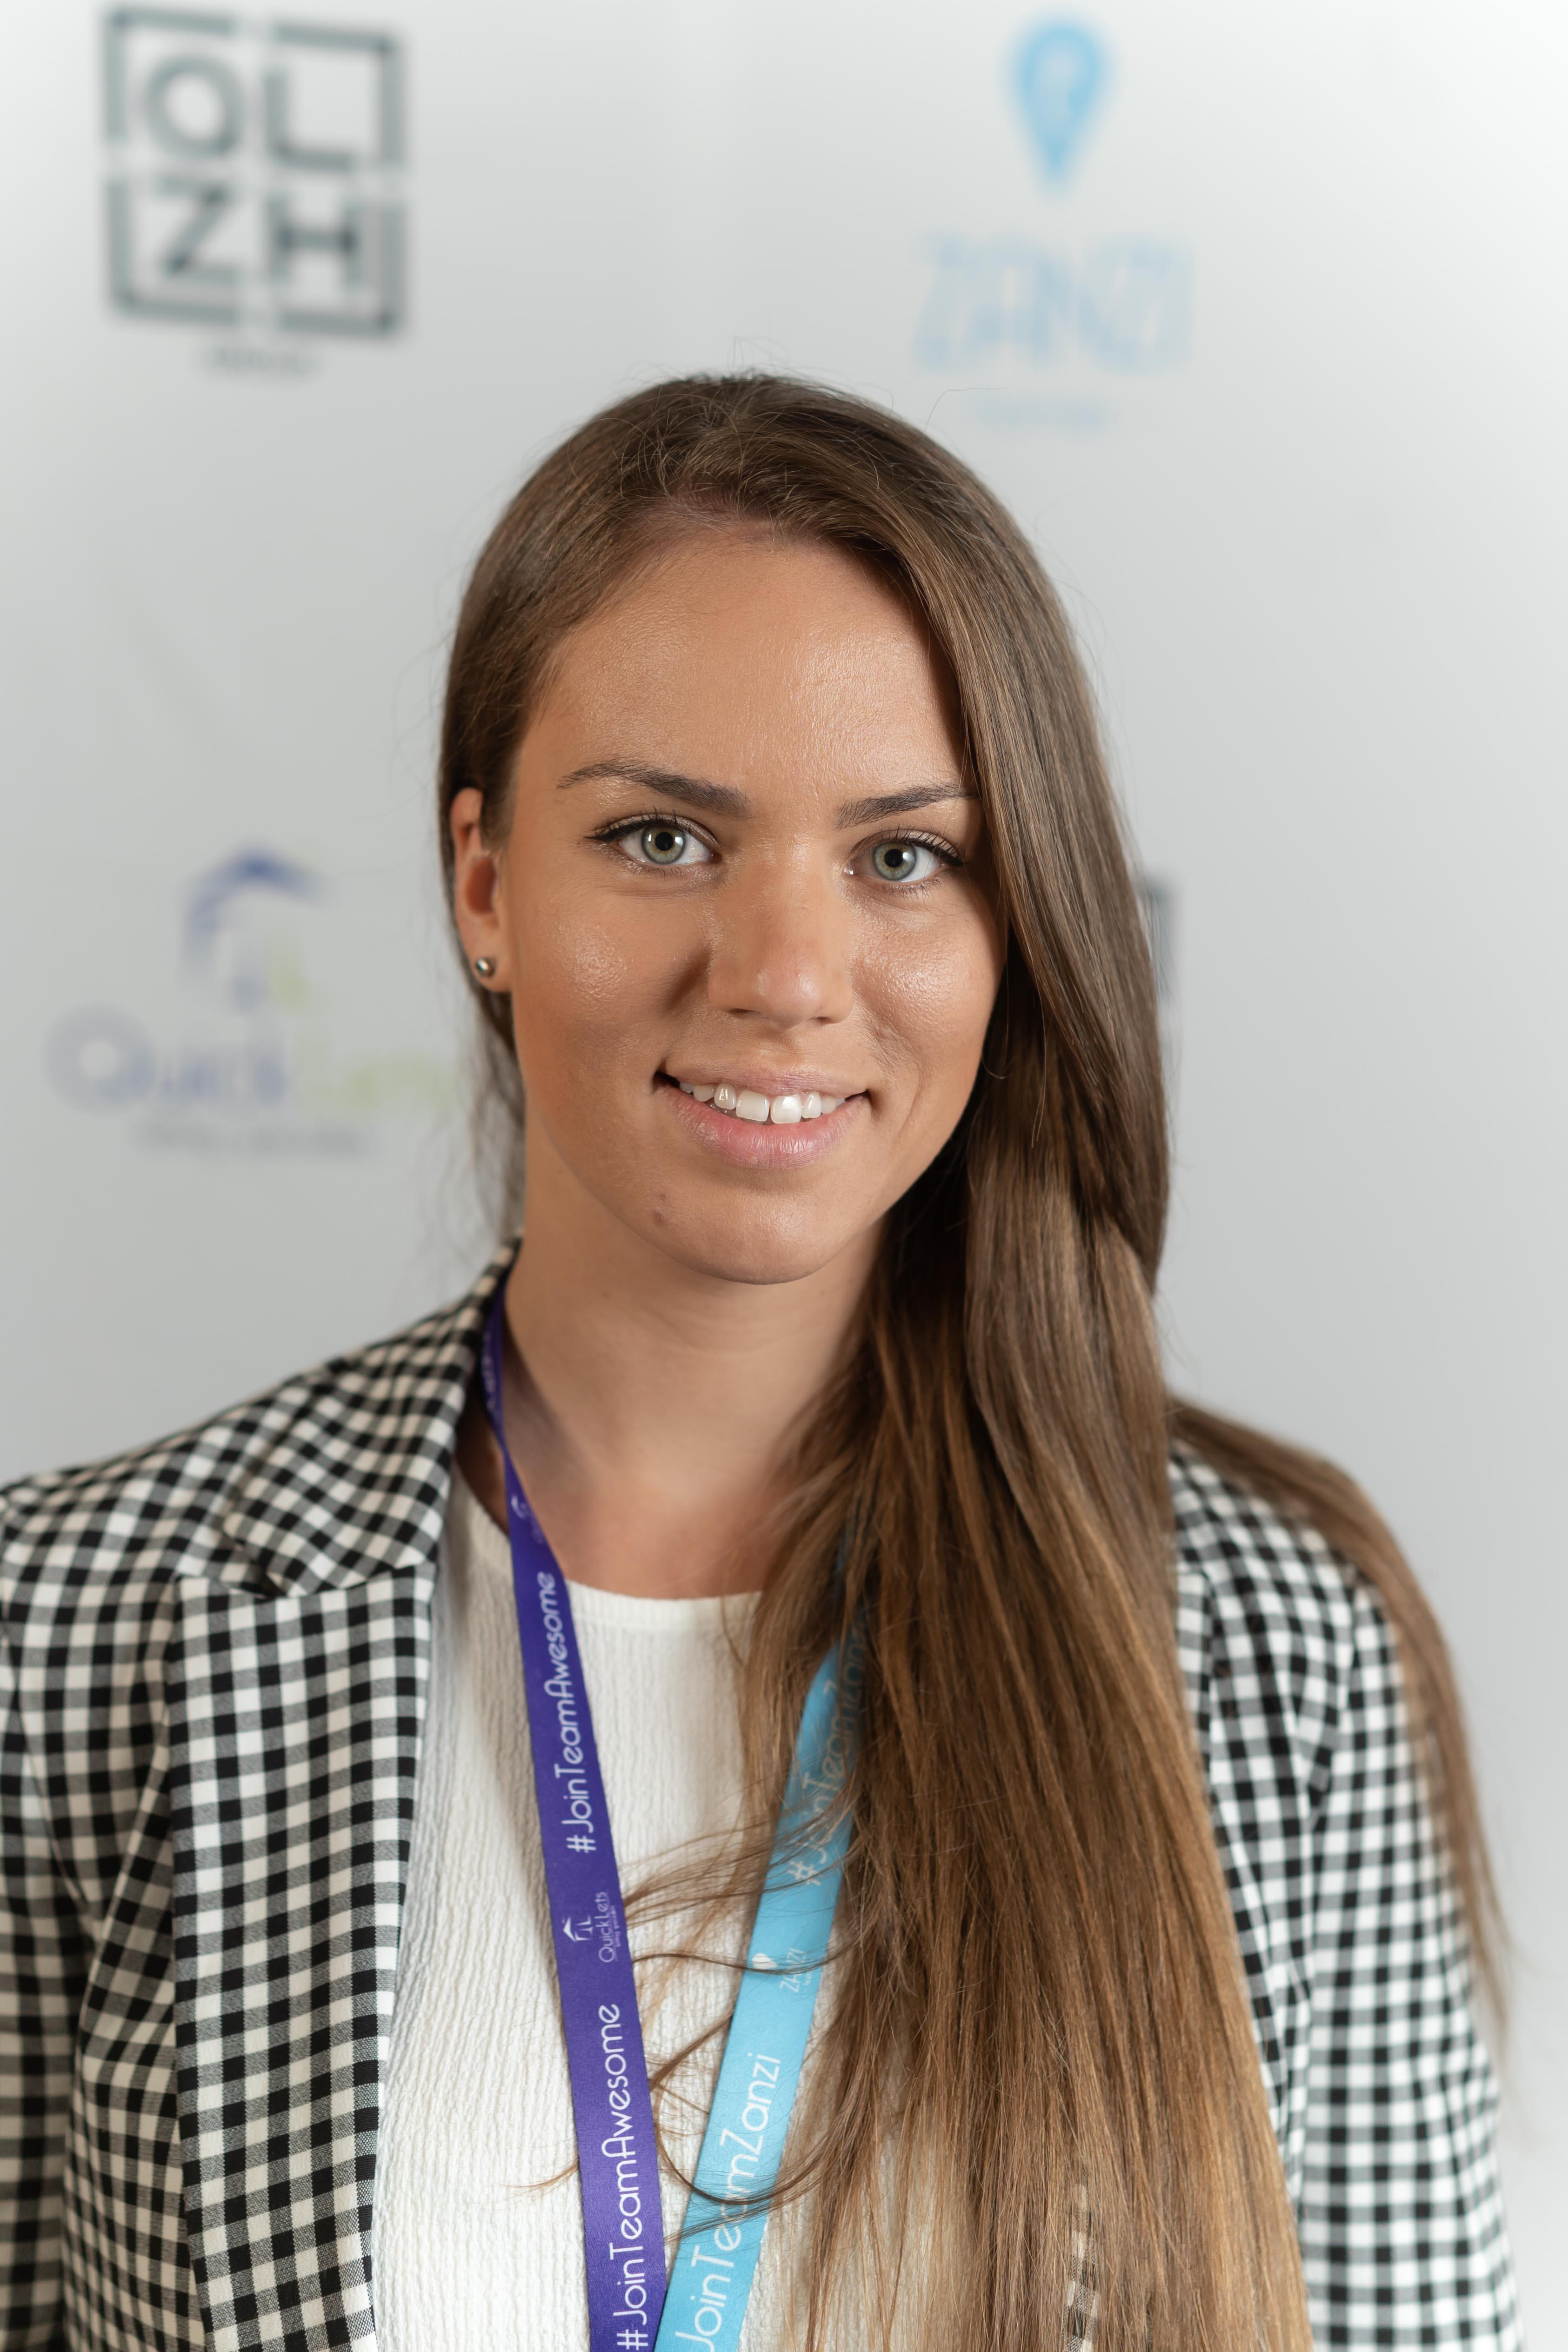 Emilija Bozic